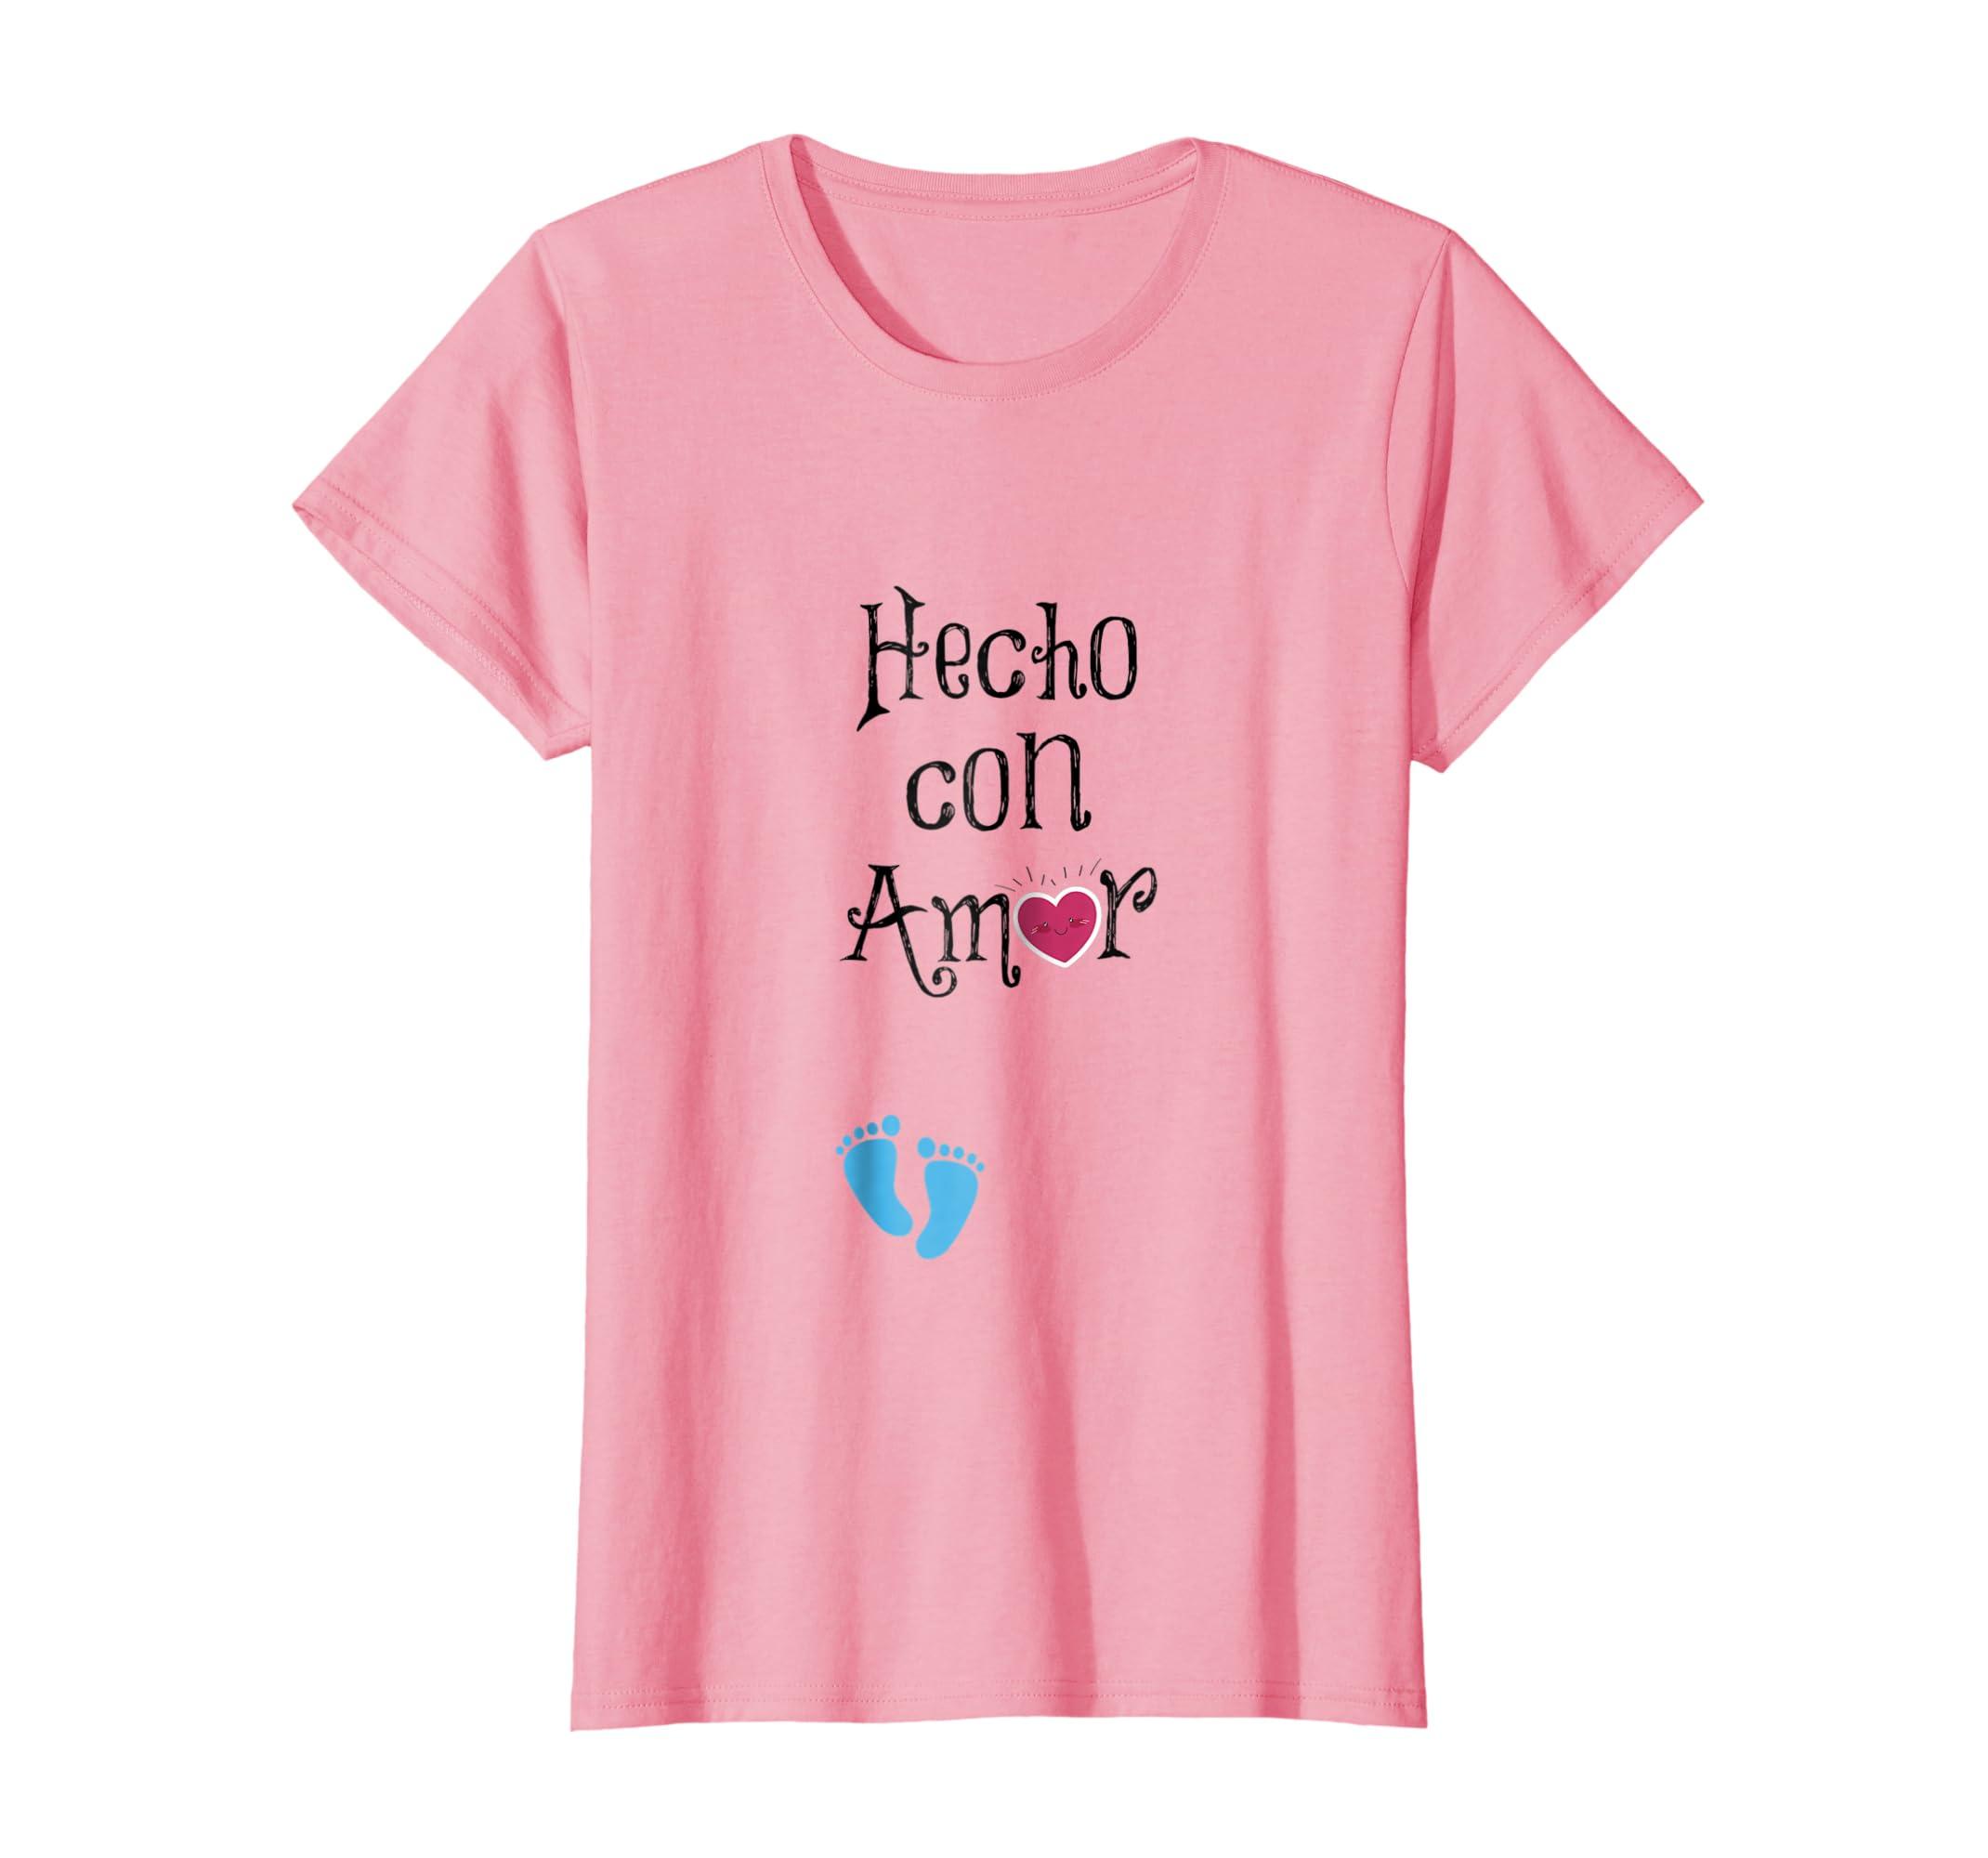 Amazon.com: Hecho con Amor con un corazon y los pies de un bebe: Clothing